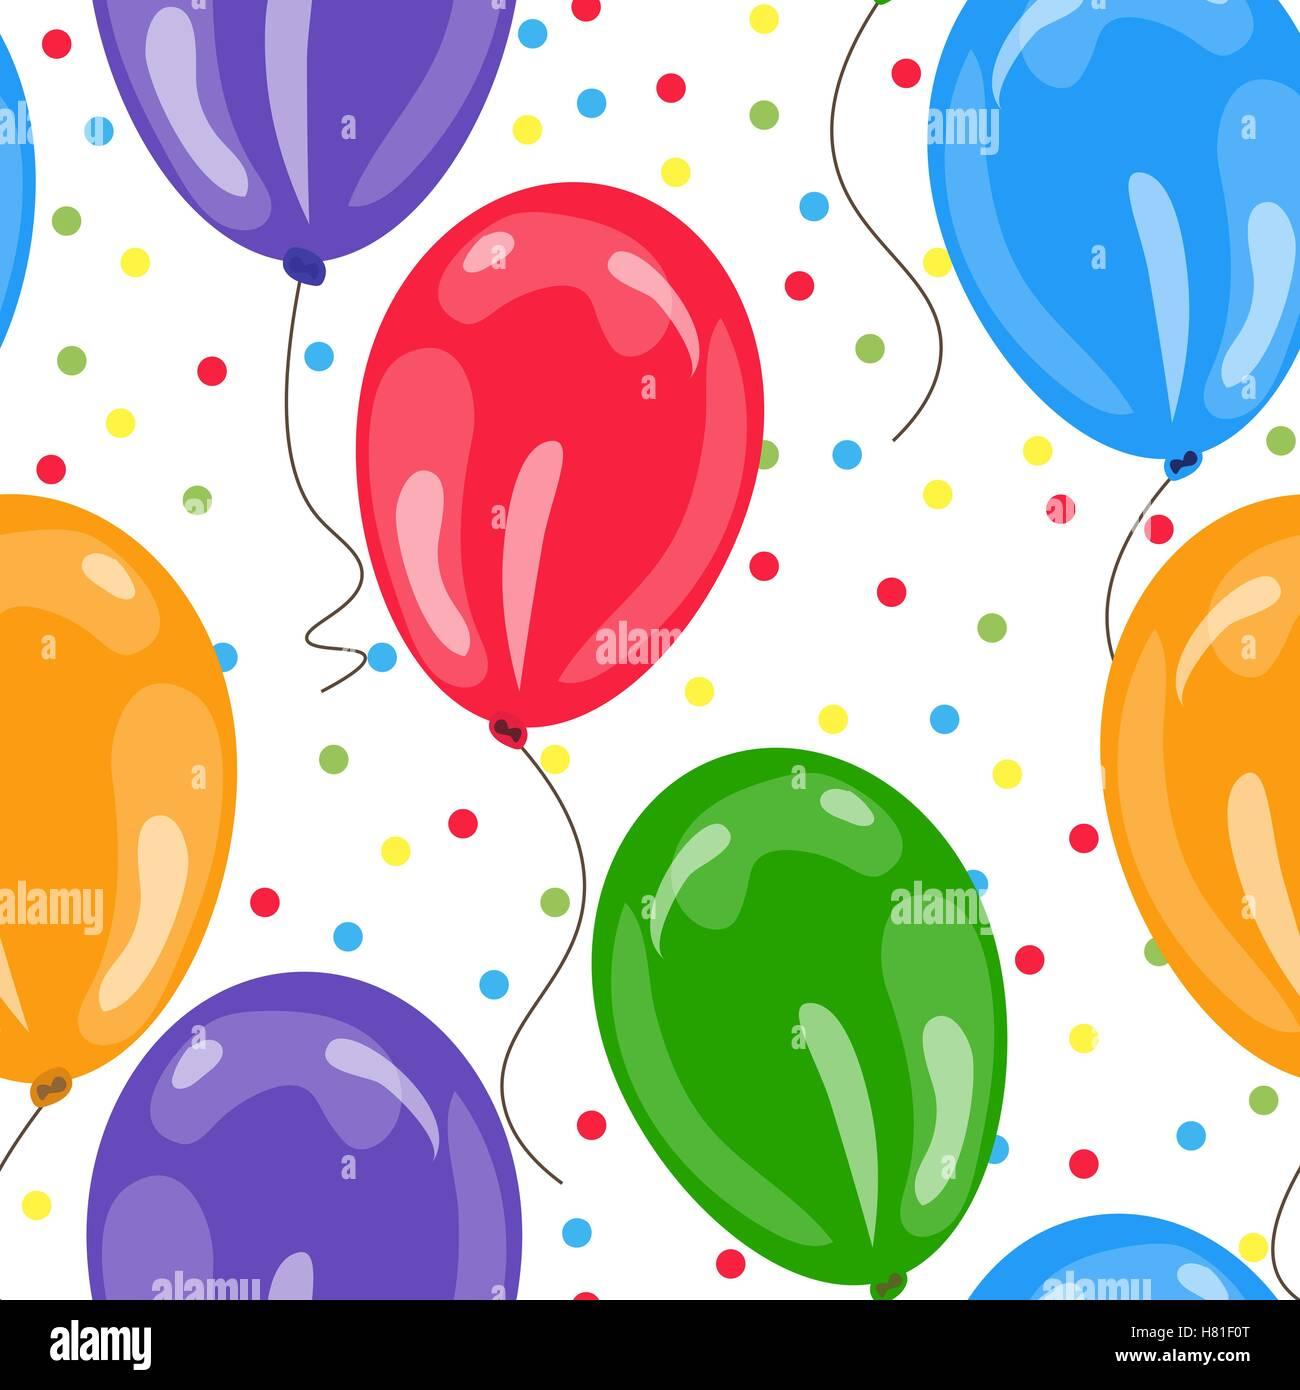 Nahtlose Muster Mit Bunten Luftballons. Design Konzept Für Geburtstag  Grußkarten, Wallpaper, Geschenkkarte. Vektor Fittings